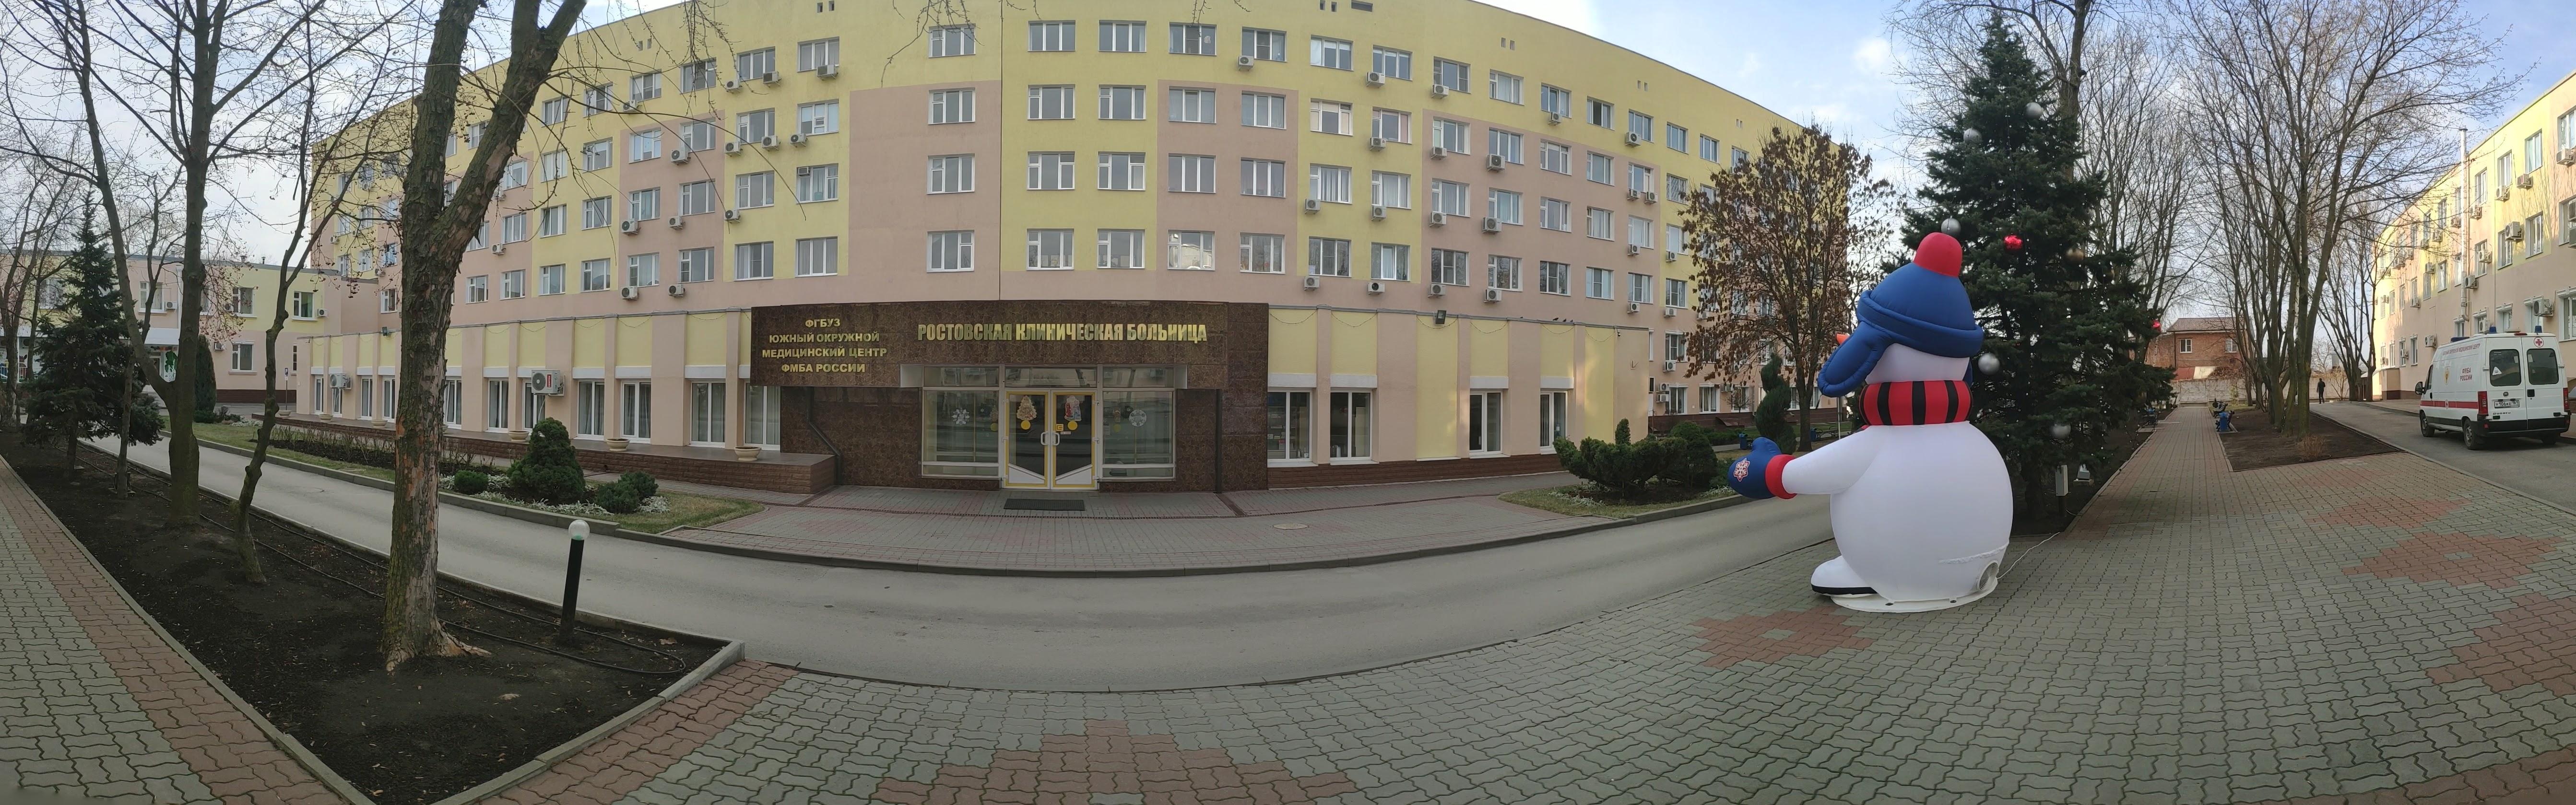 Ростовская Клиническая Больница ФГБУЗ ЮОМЦ ФМБА России